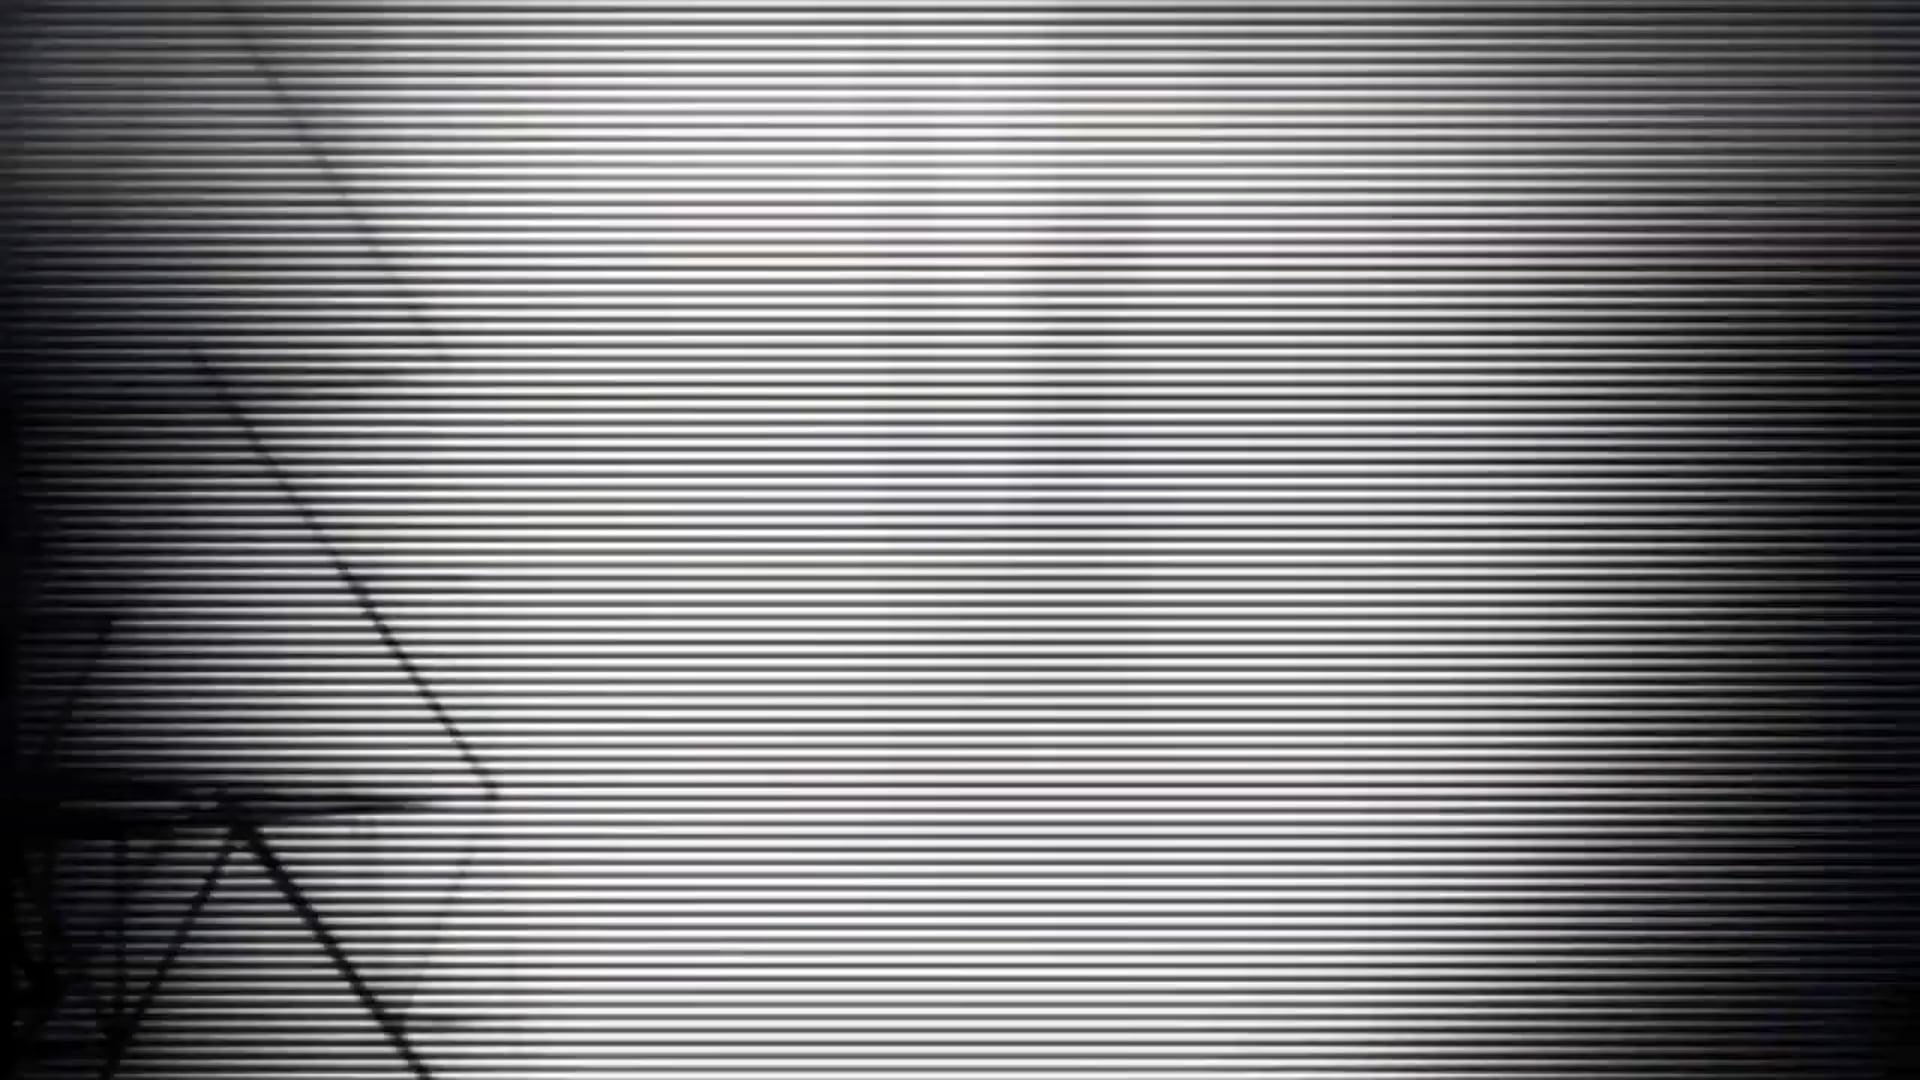 11:11 Wall of Darkness_Live_Facultad de Música Unam CDM